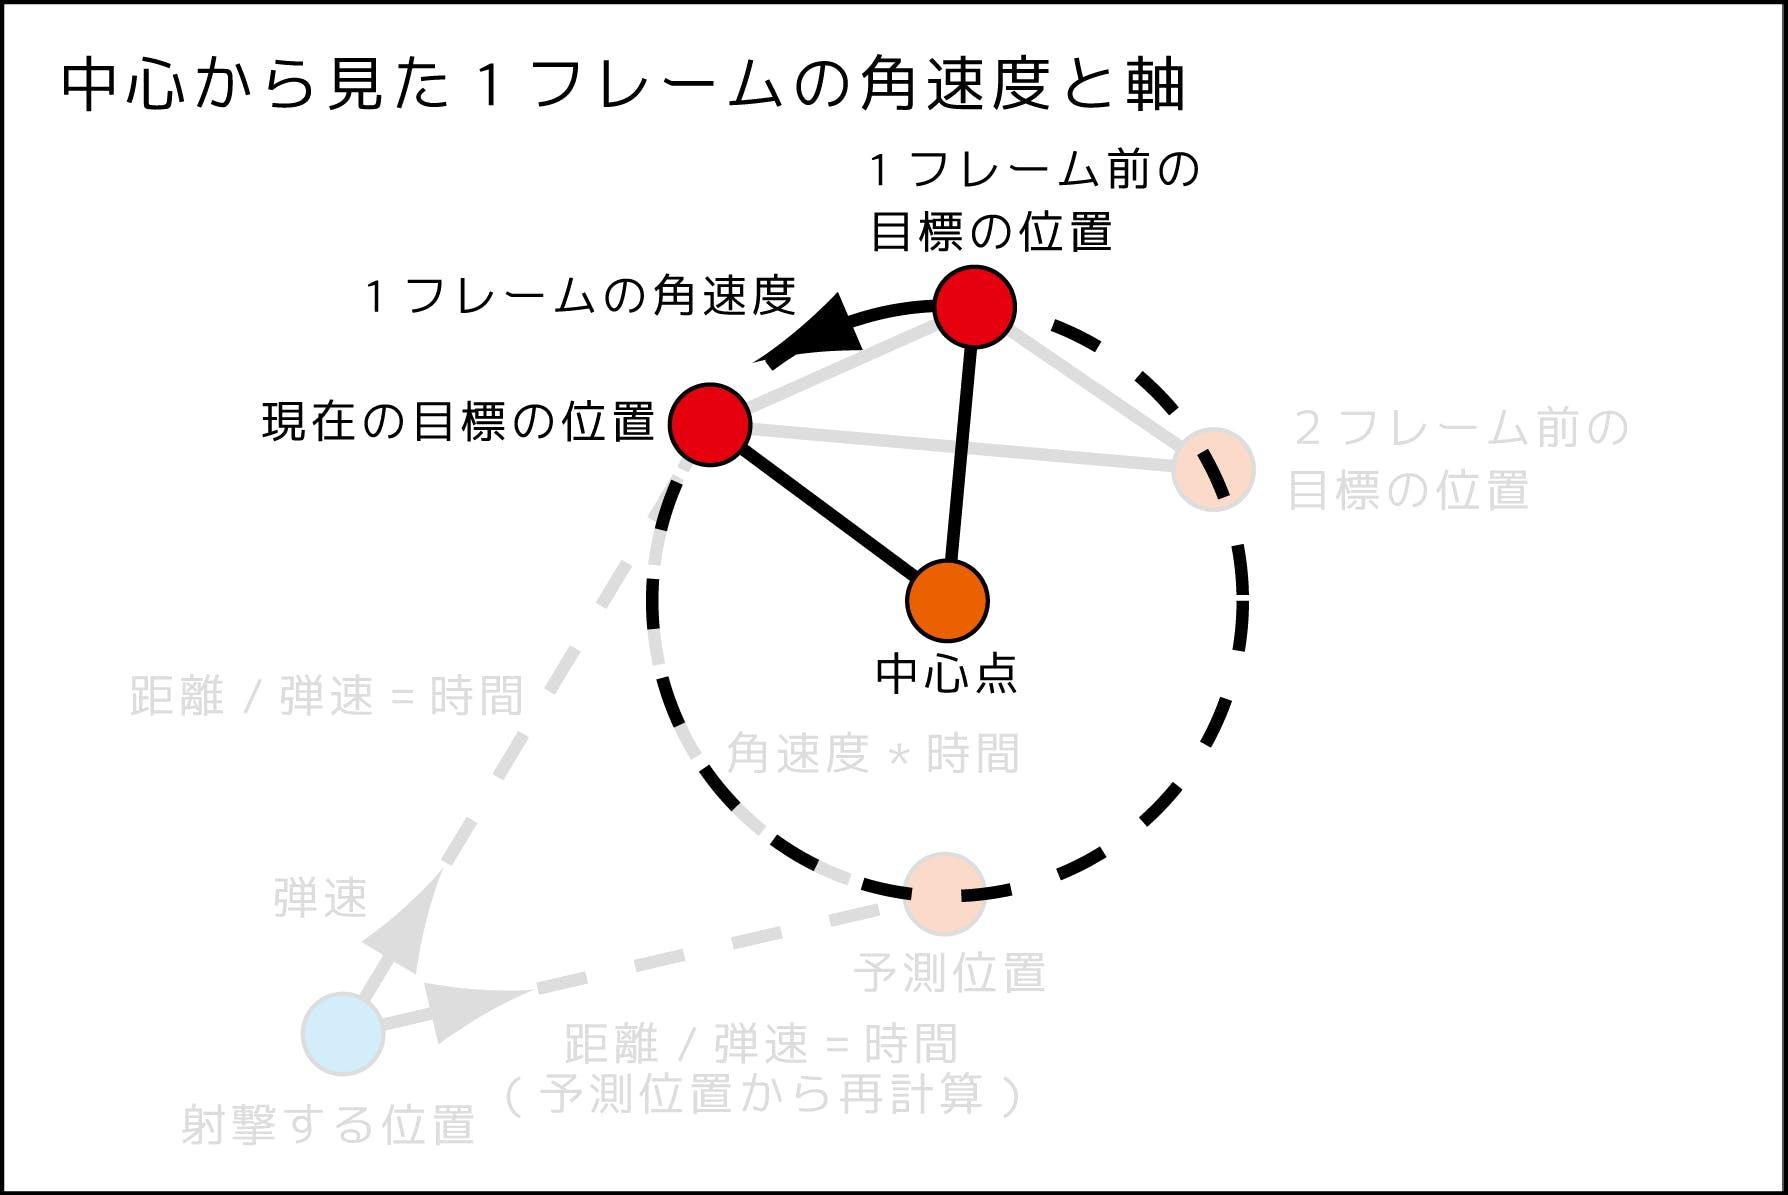 円形予測射撃図_181123_4.png